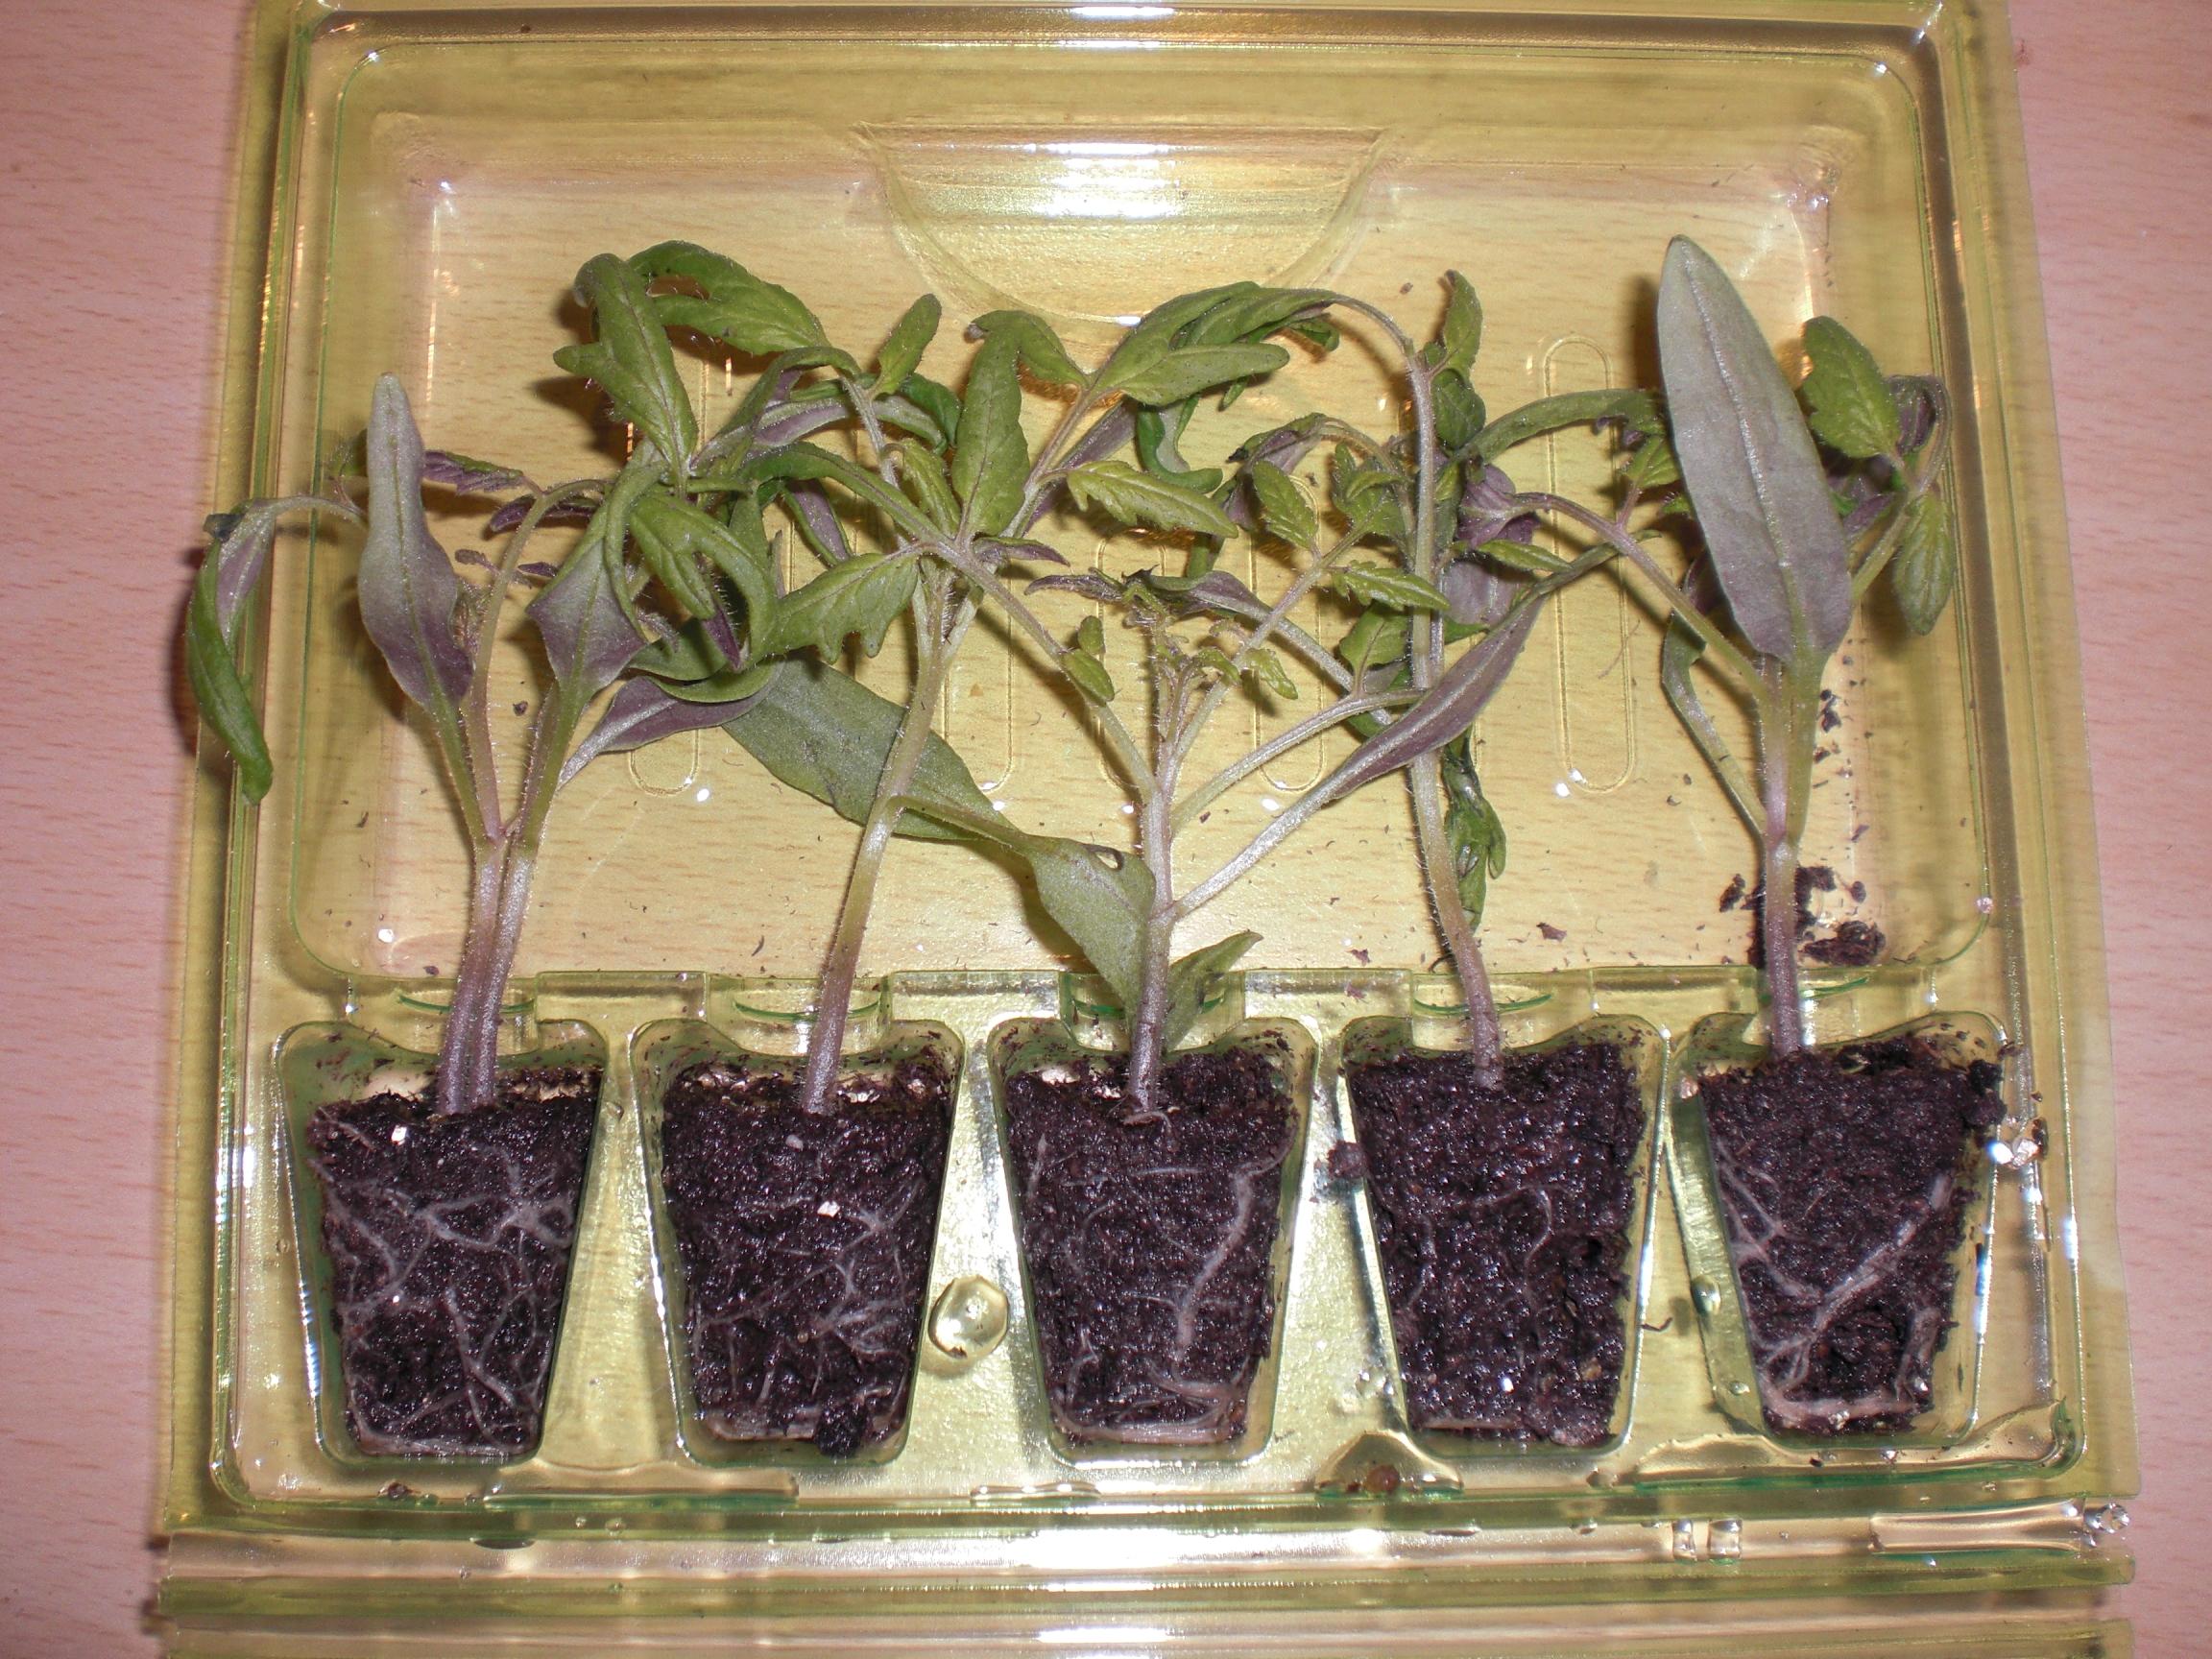 Tomaten Von Easyplant Ein Erfahrungsbericht Biobalkon